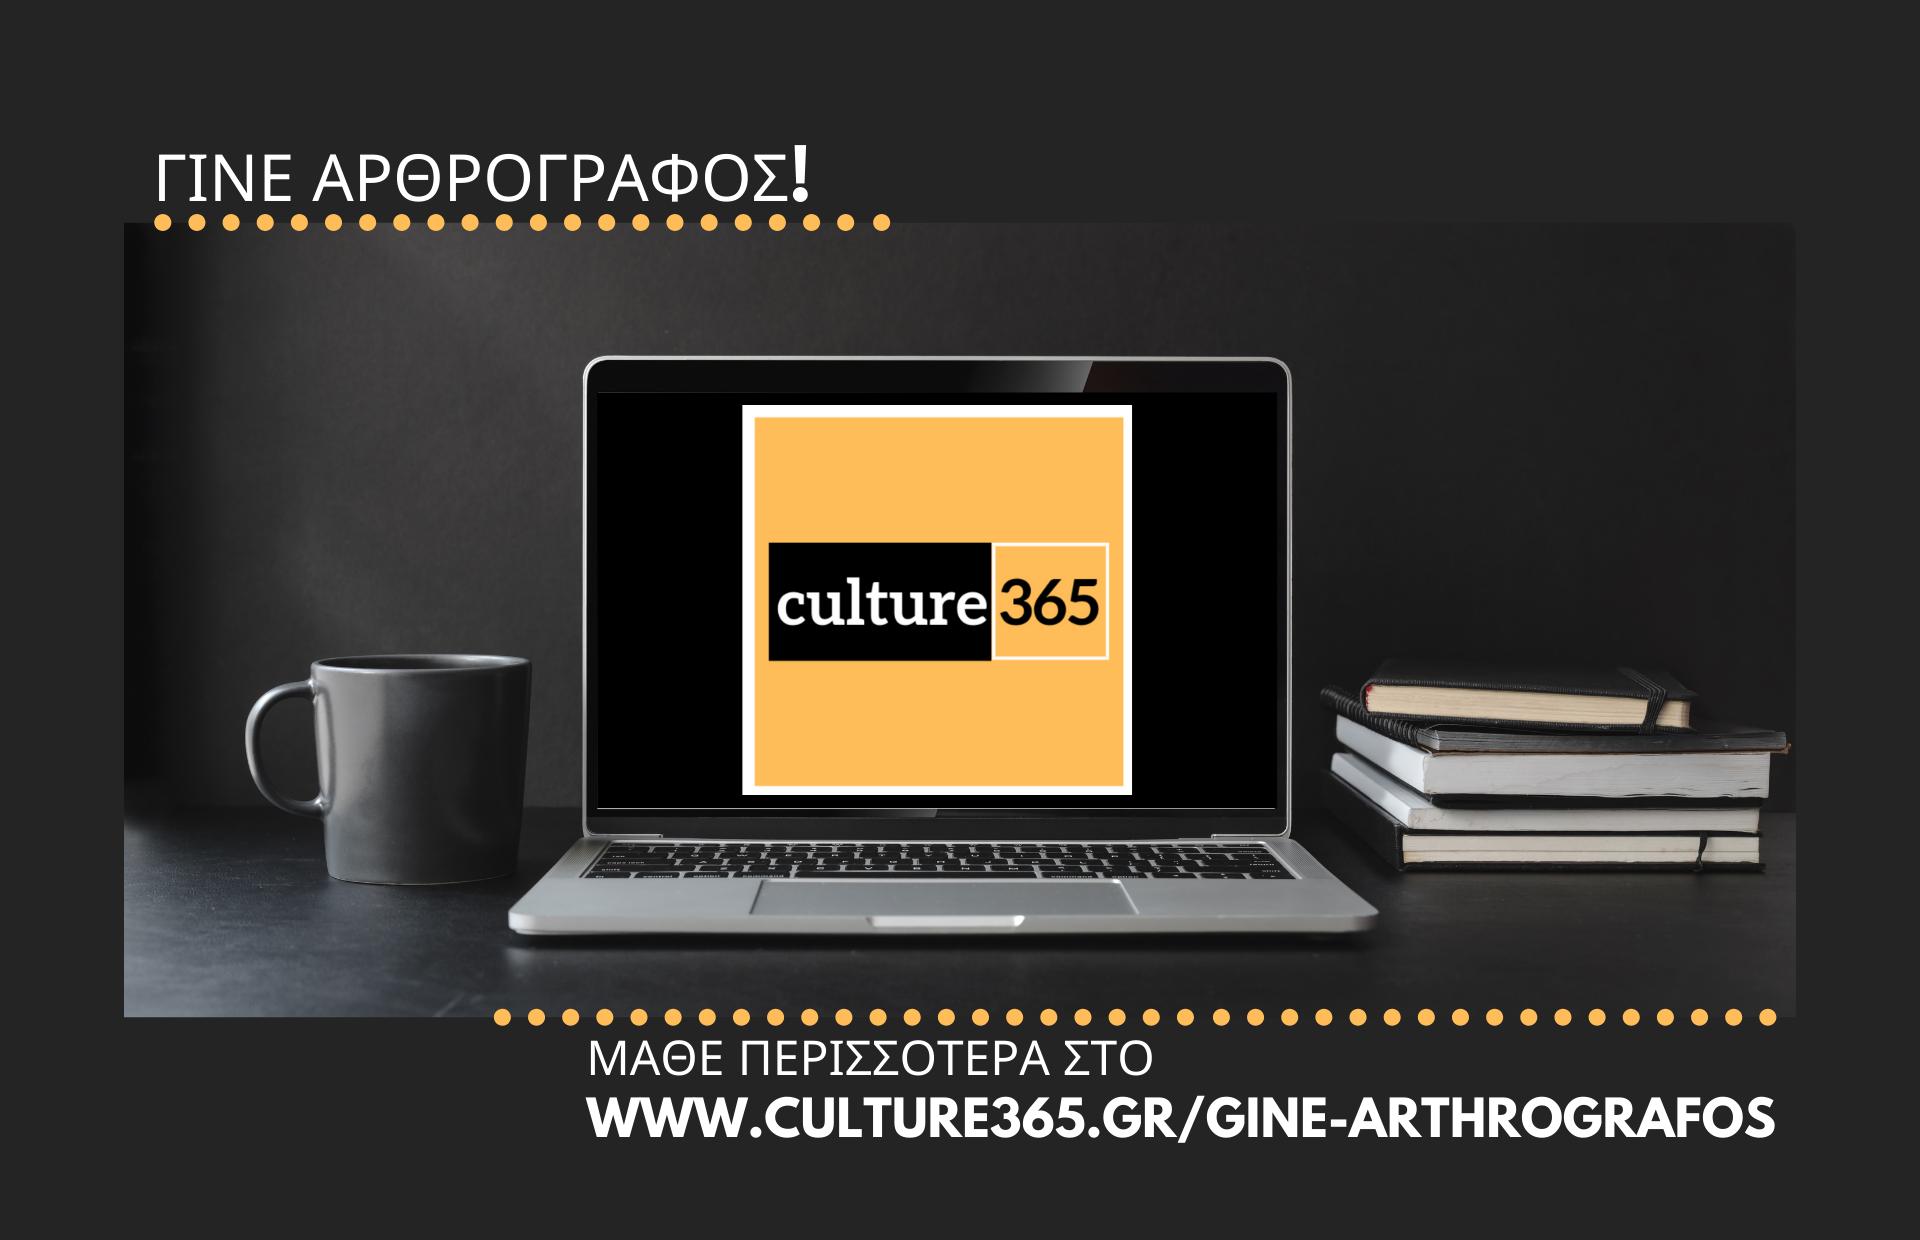 Γίνε αρθρογράφος στο culture365!